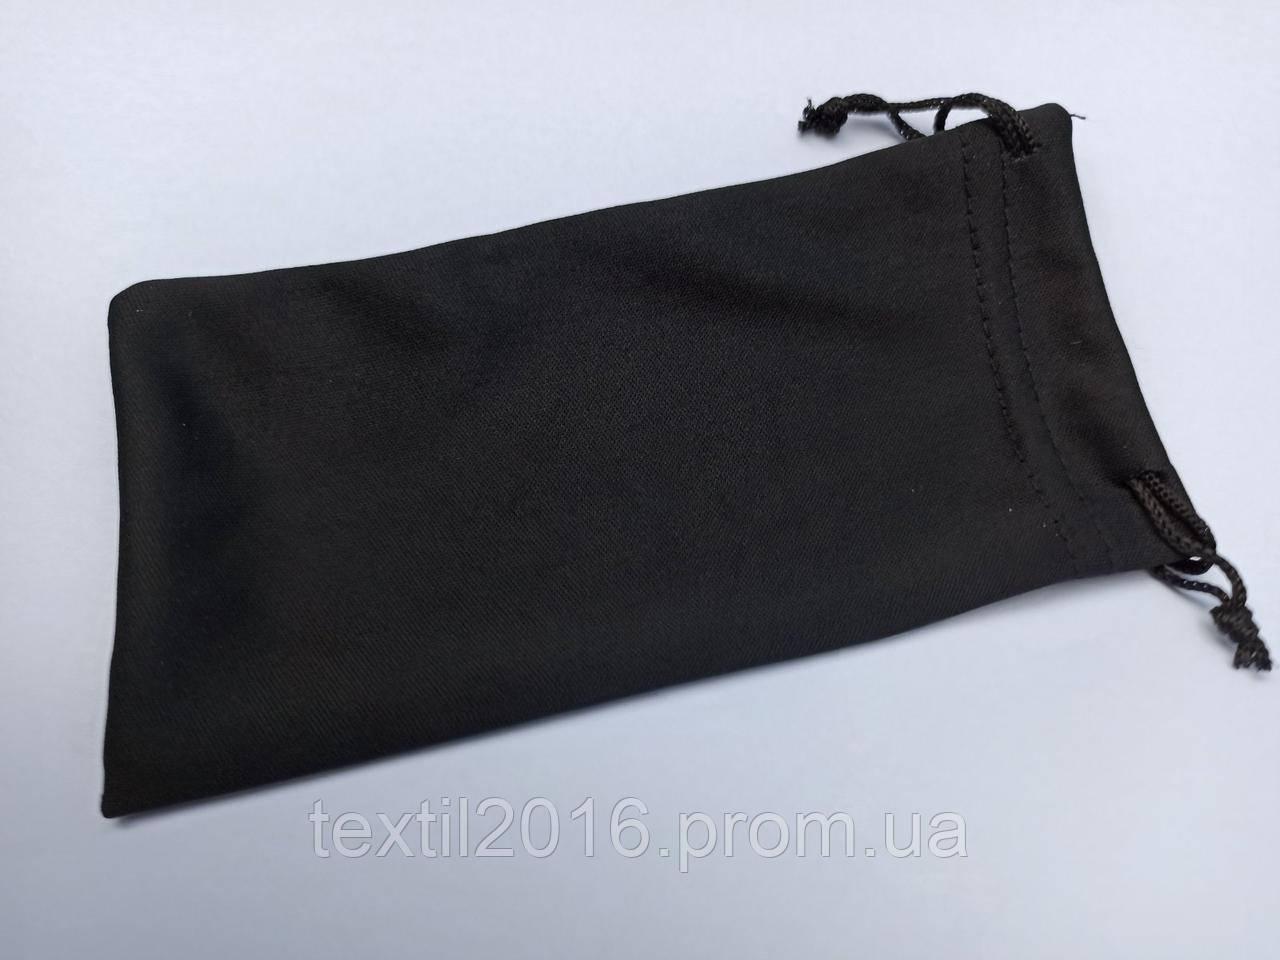 Мішечок для зберігання окулярів чорний